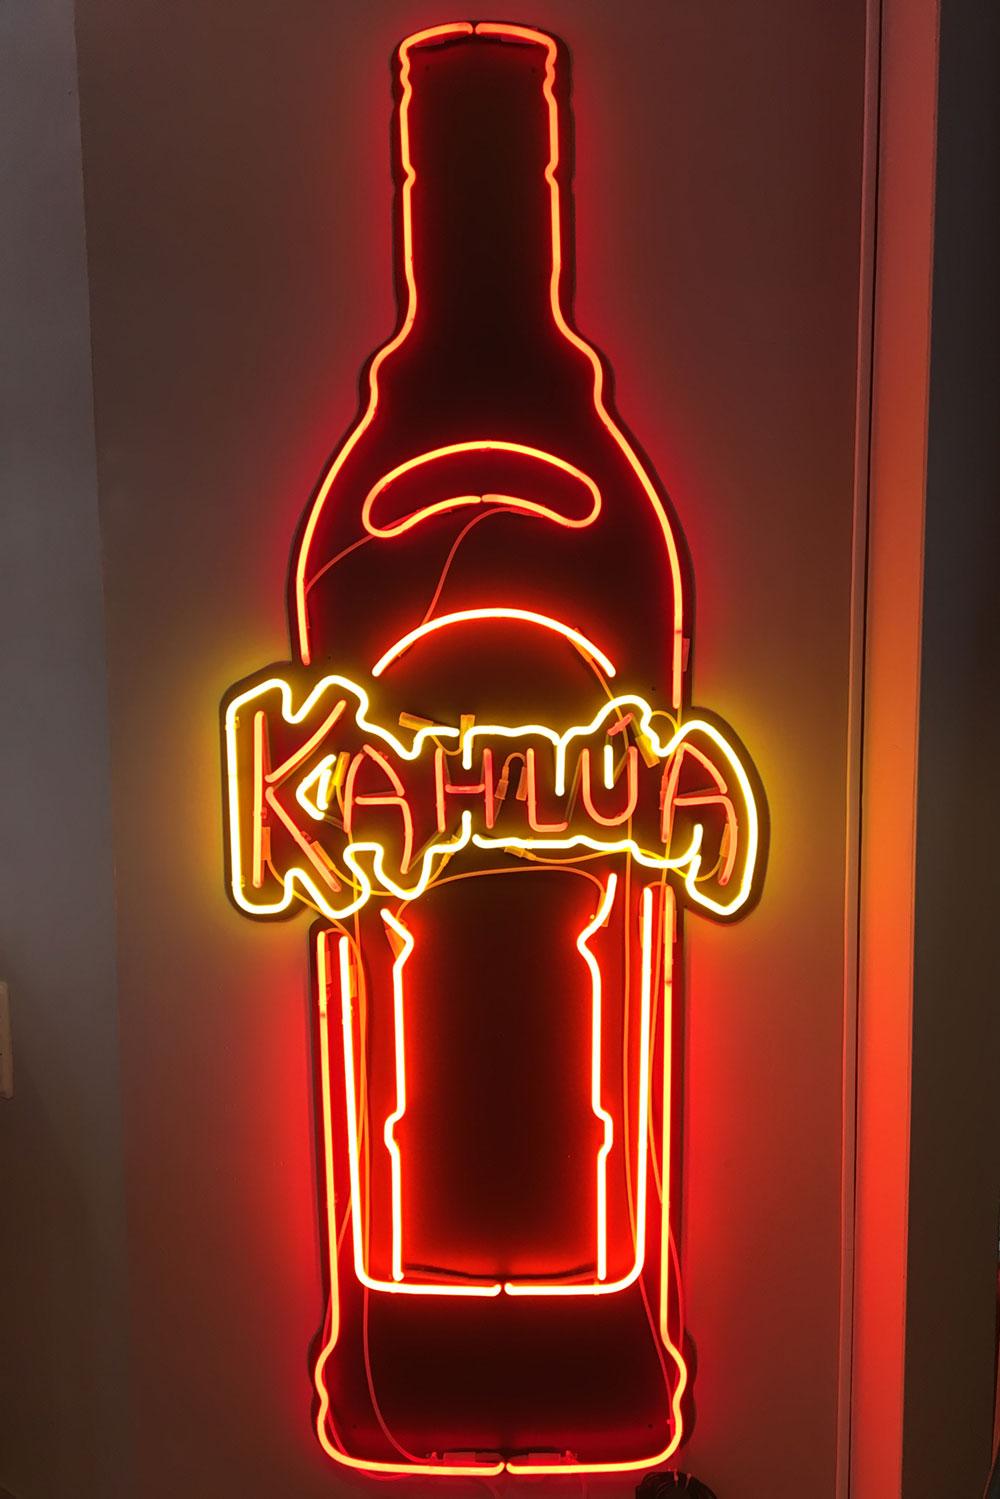 Neon-sign-Kahlua-Ronny-Bergfeldt.jpg